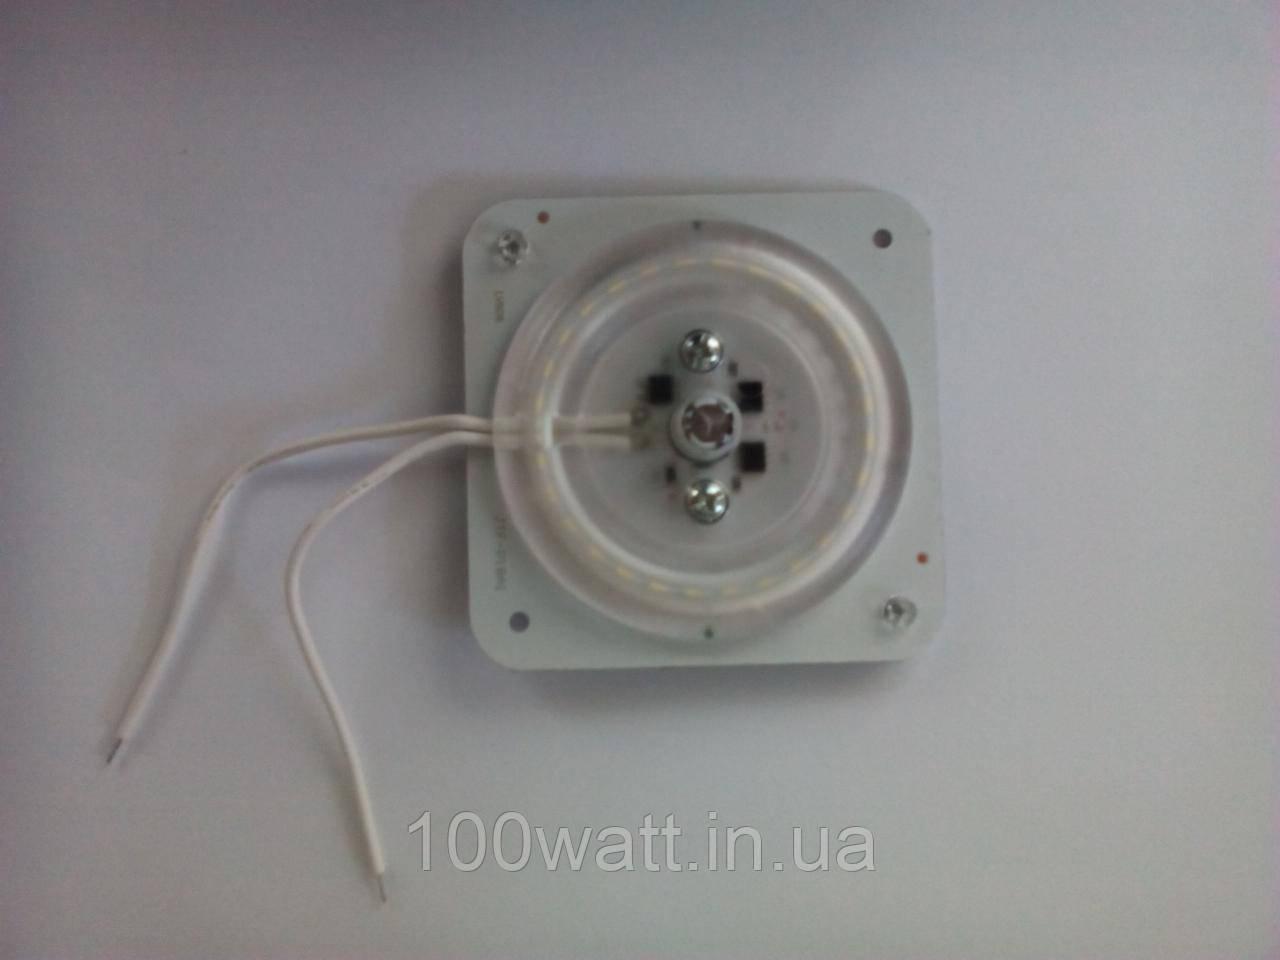 Светодиодная пластина 12W 18LED 220V с магнитами ST695